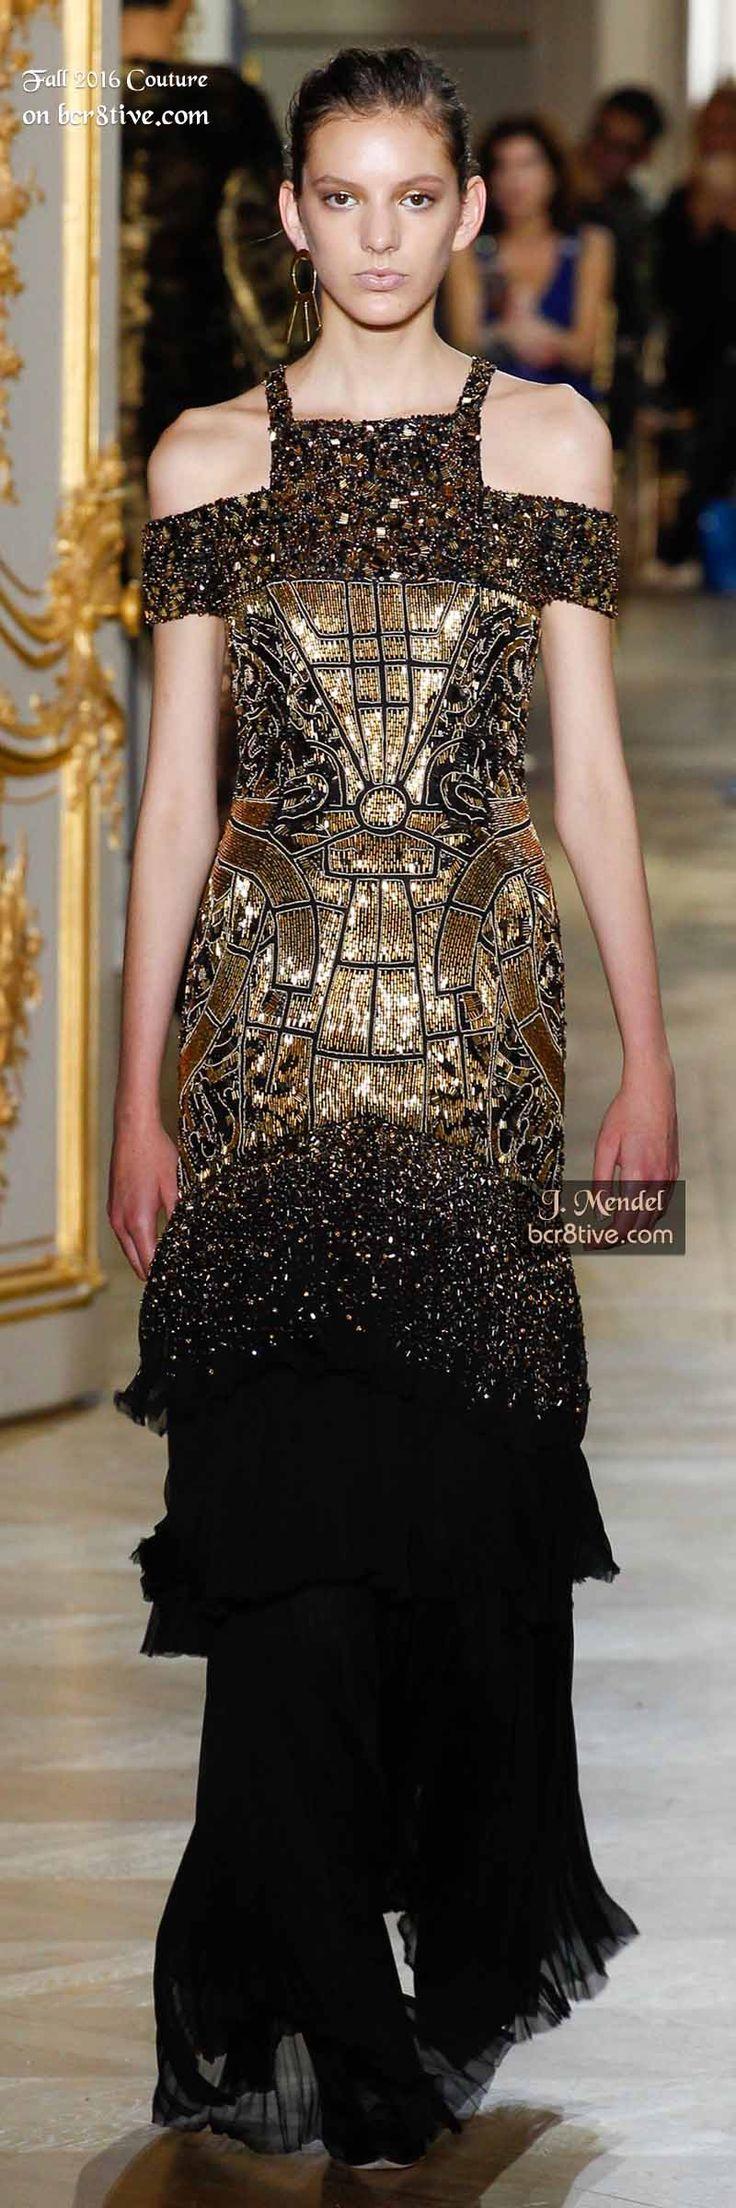 best la belle vie images on pinterest high fashion couture